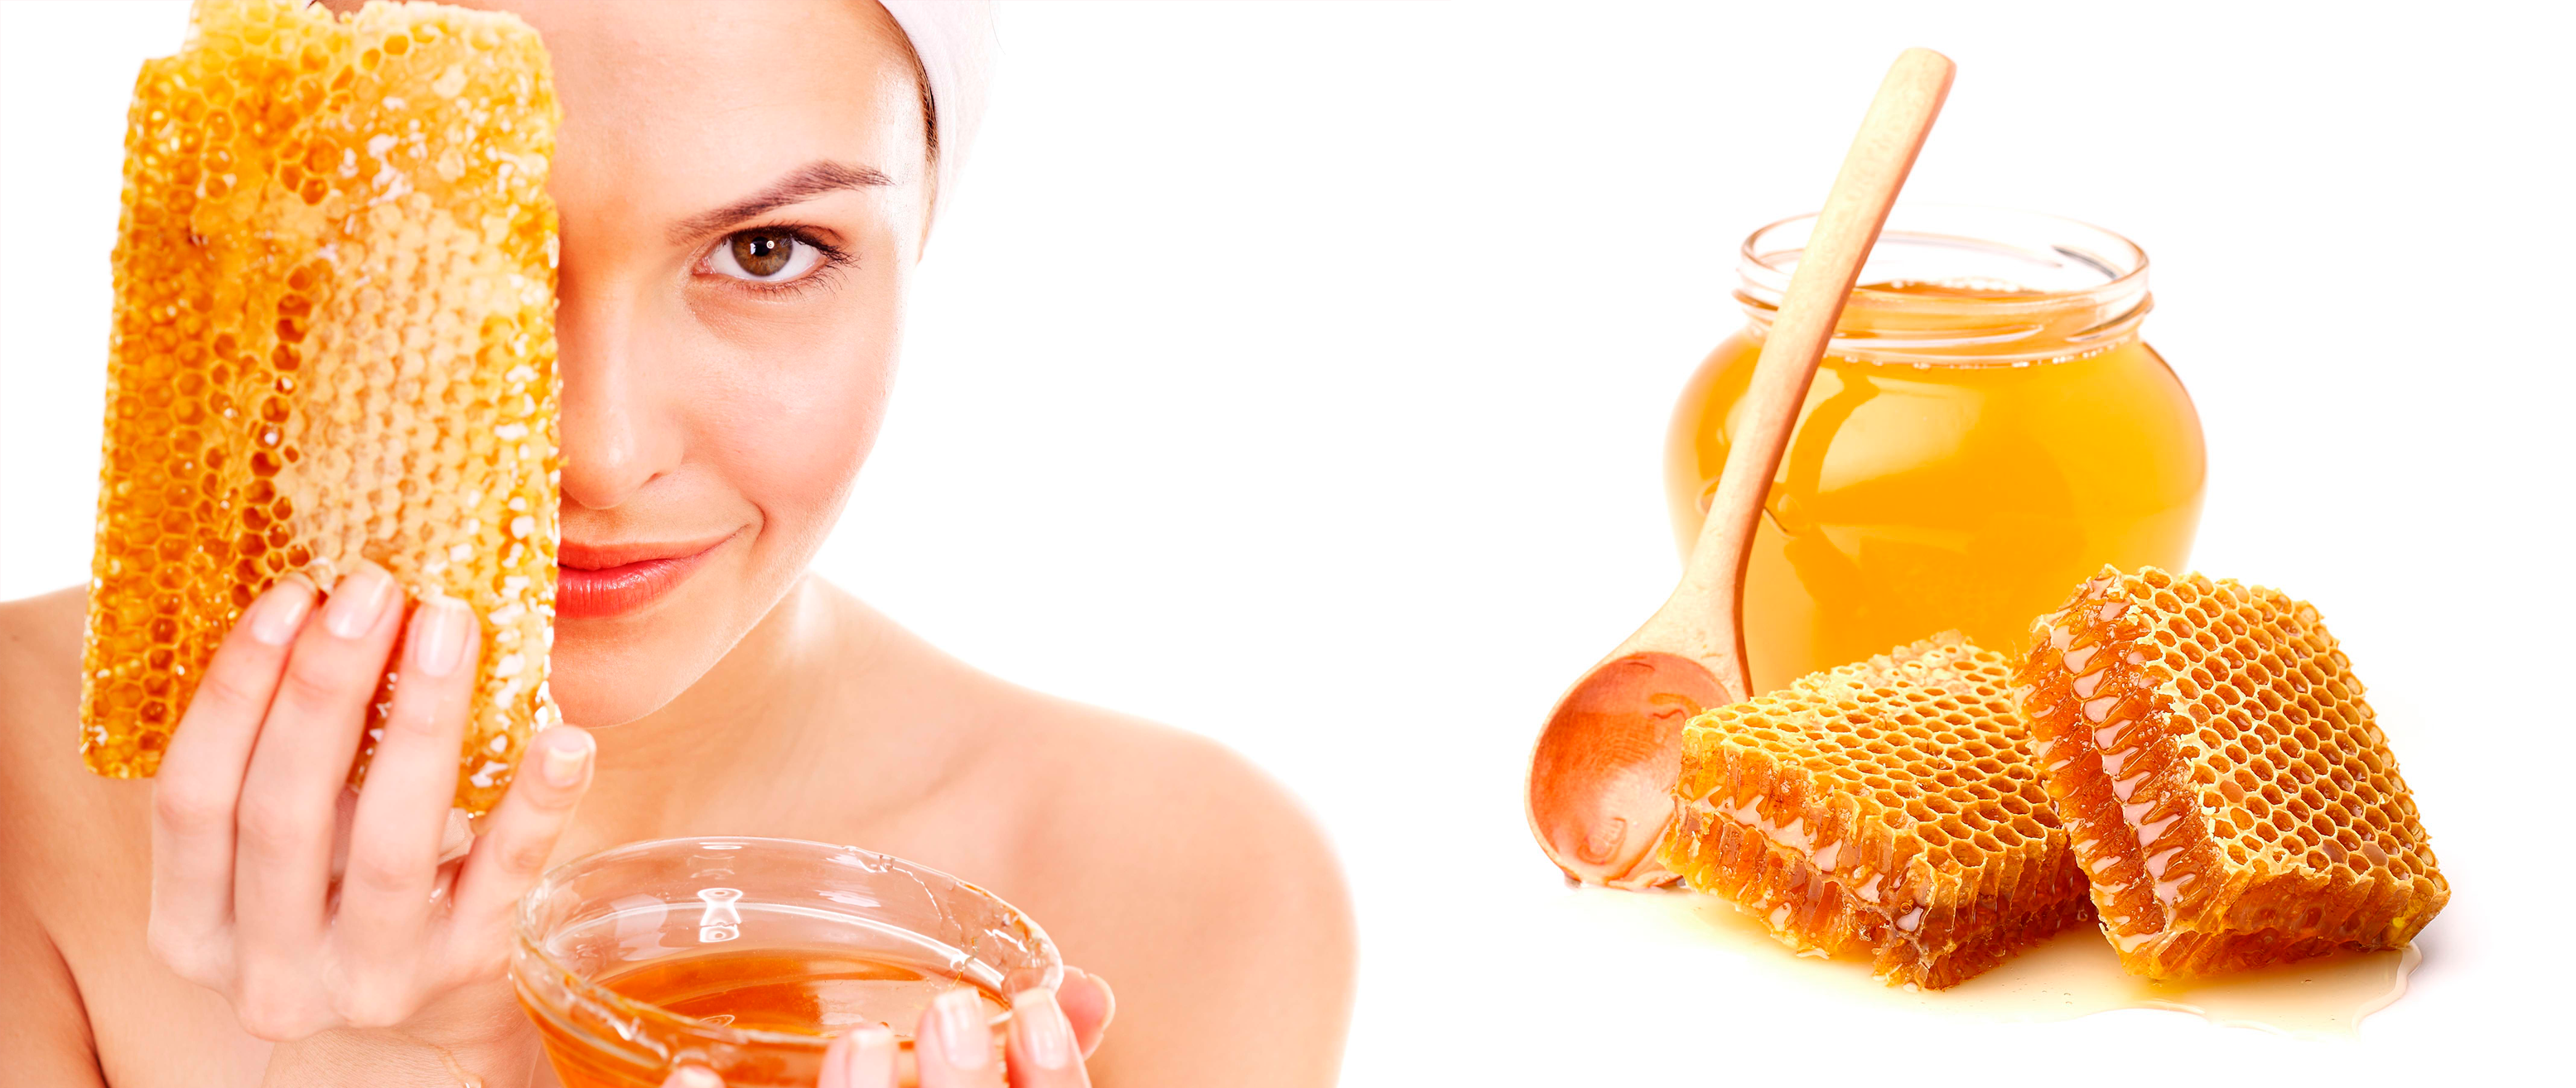 Как можно использовать мед в качестве косметического средства?